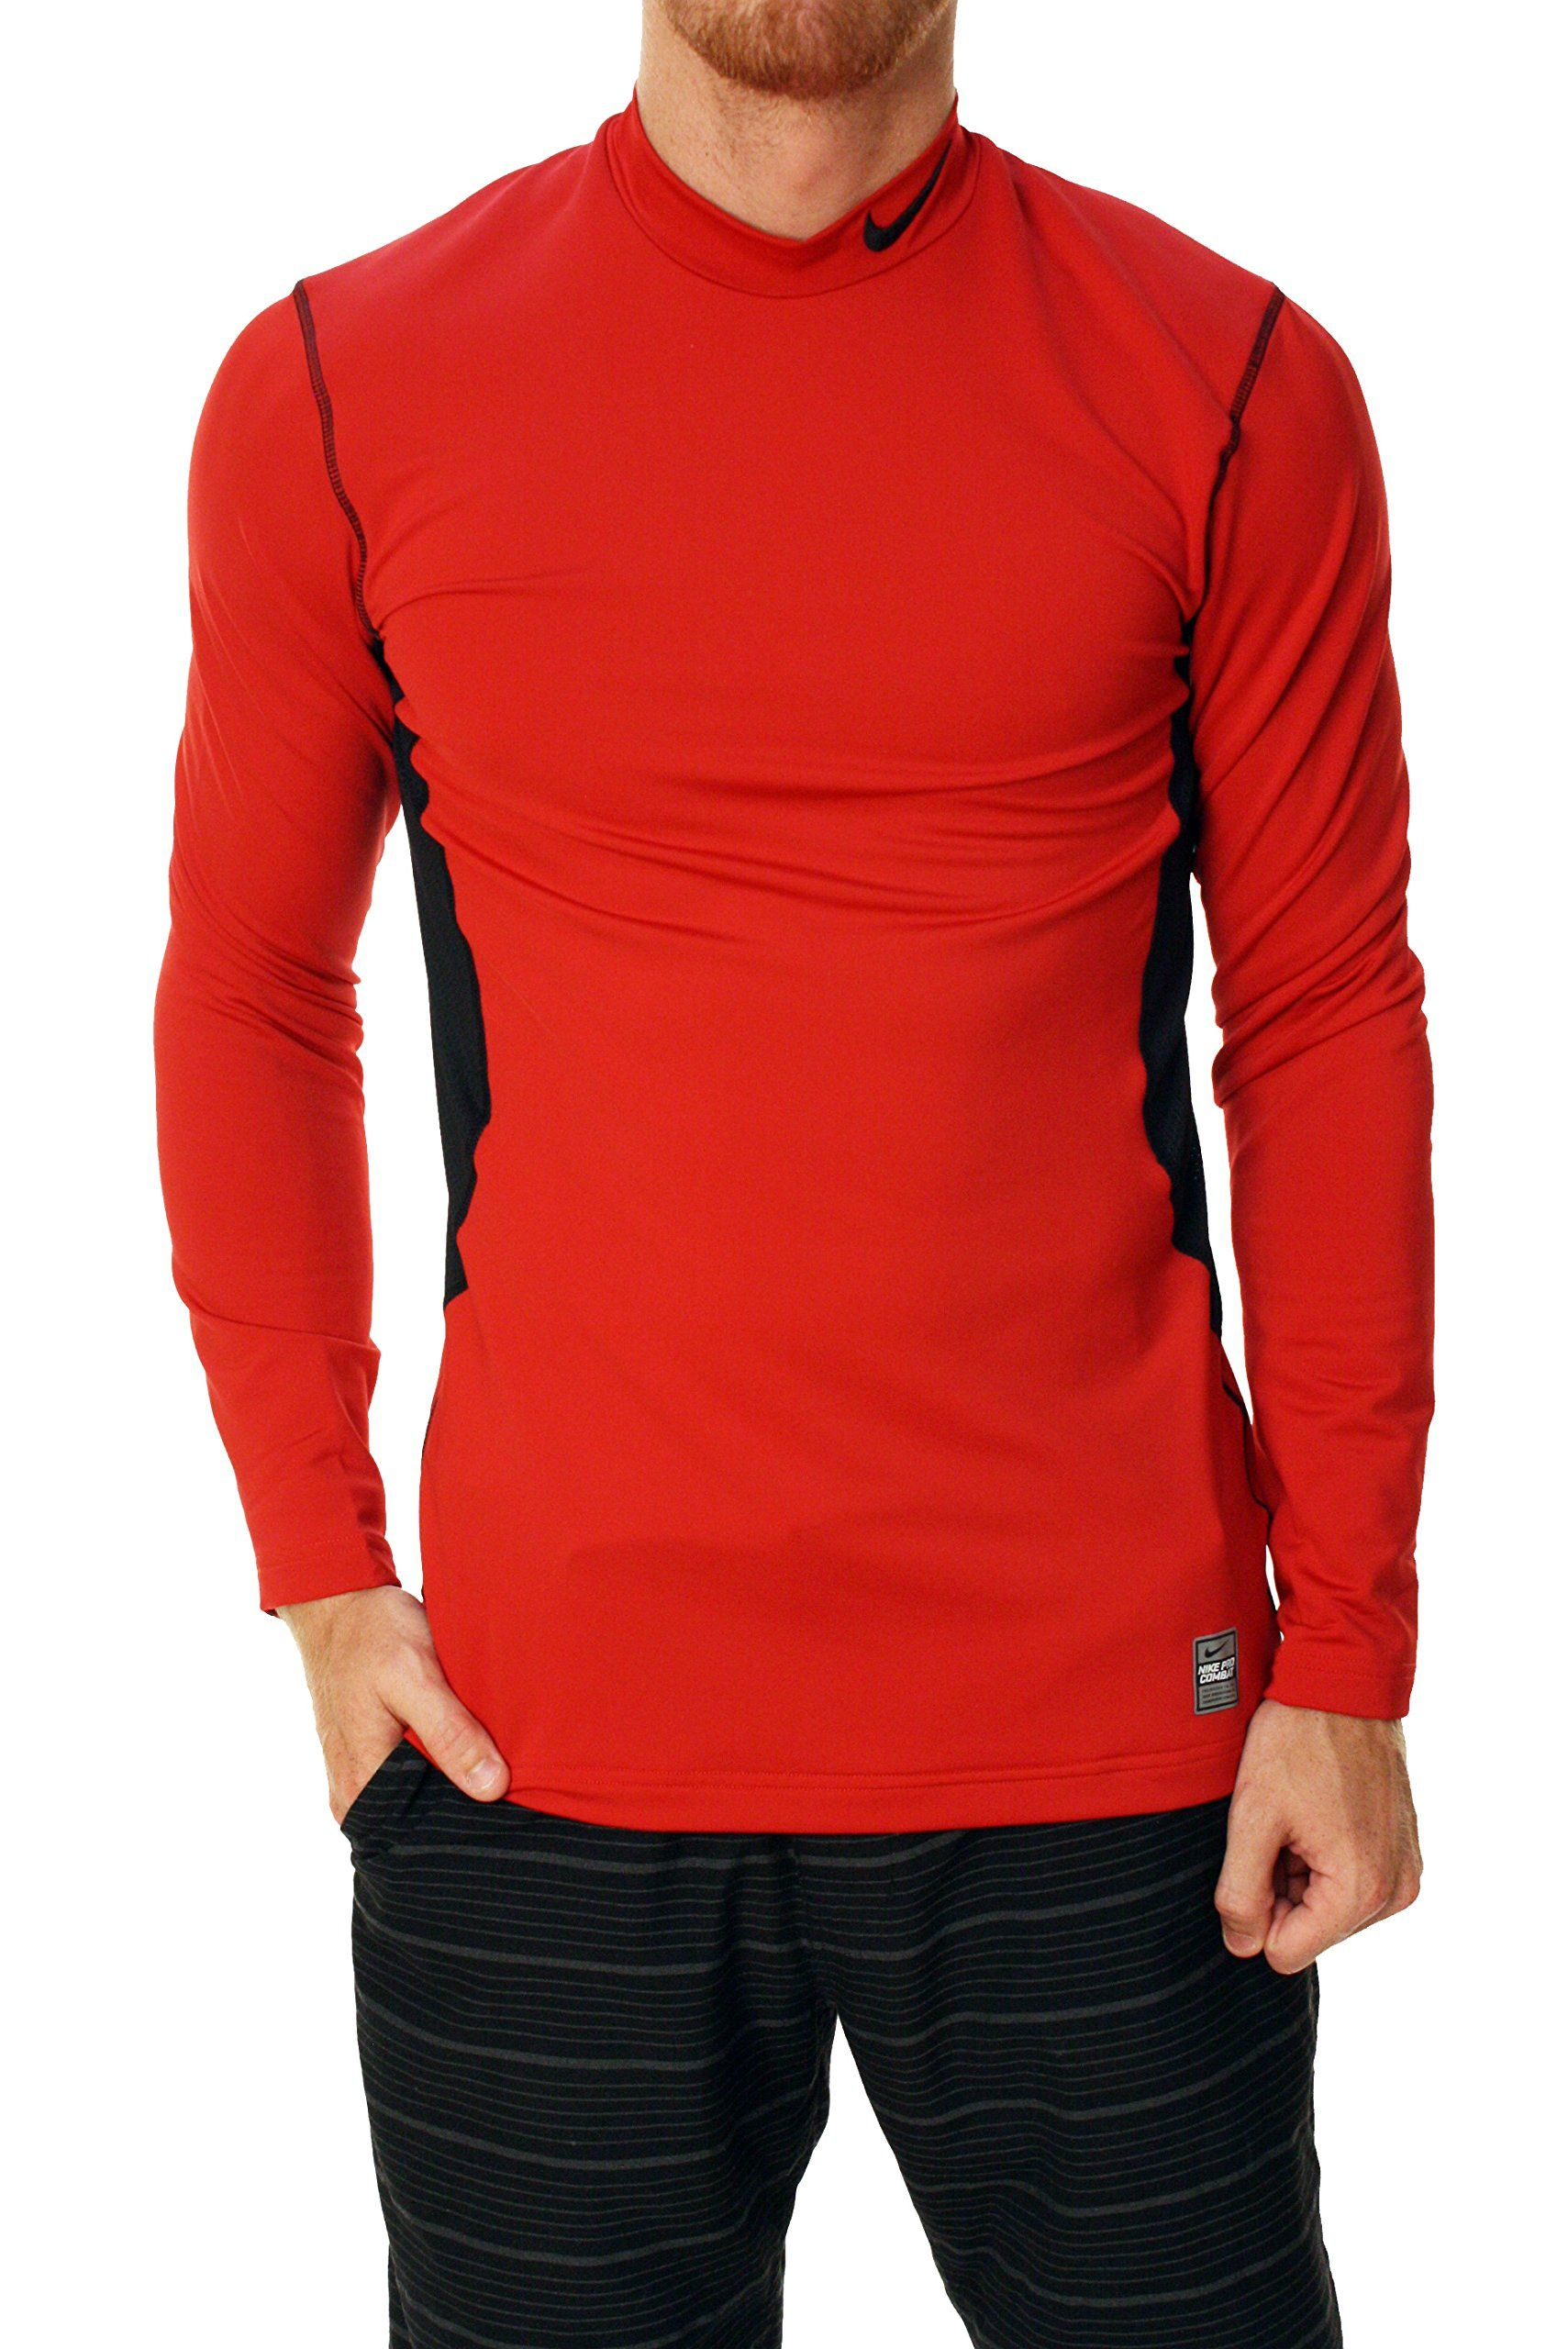 Men's Pro Dri Fit Red Combat Max Mock Top Training Nike Hyperwarm 5HqIdwqx